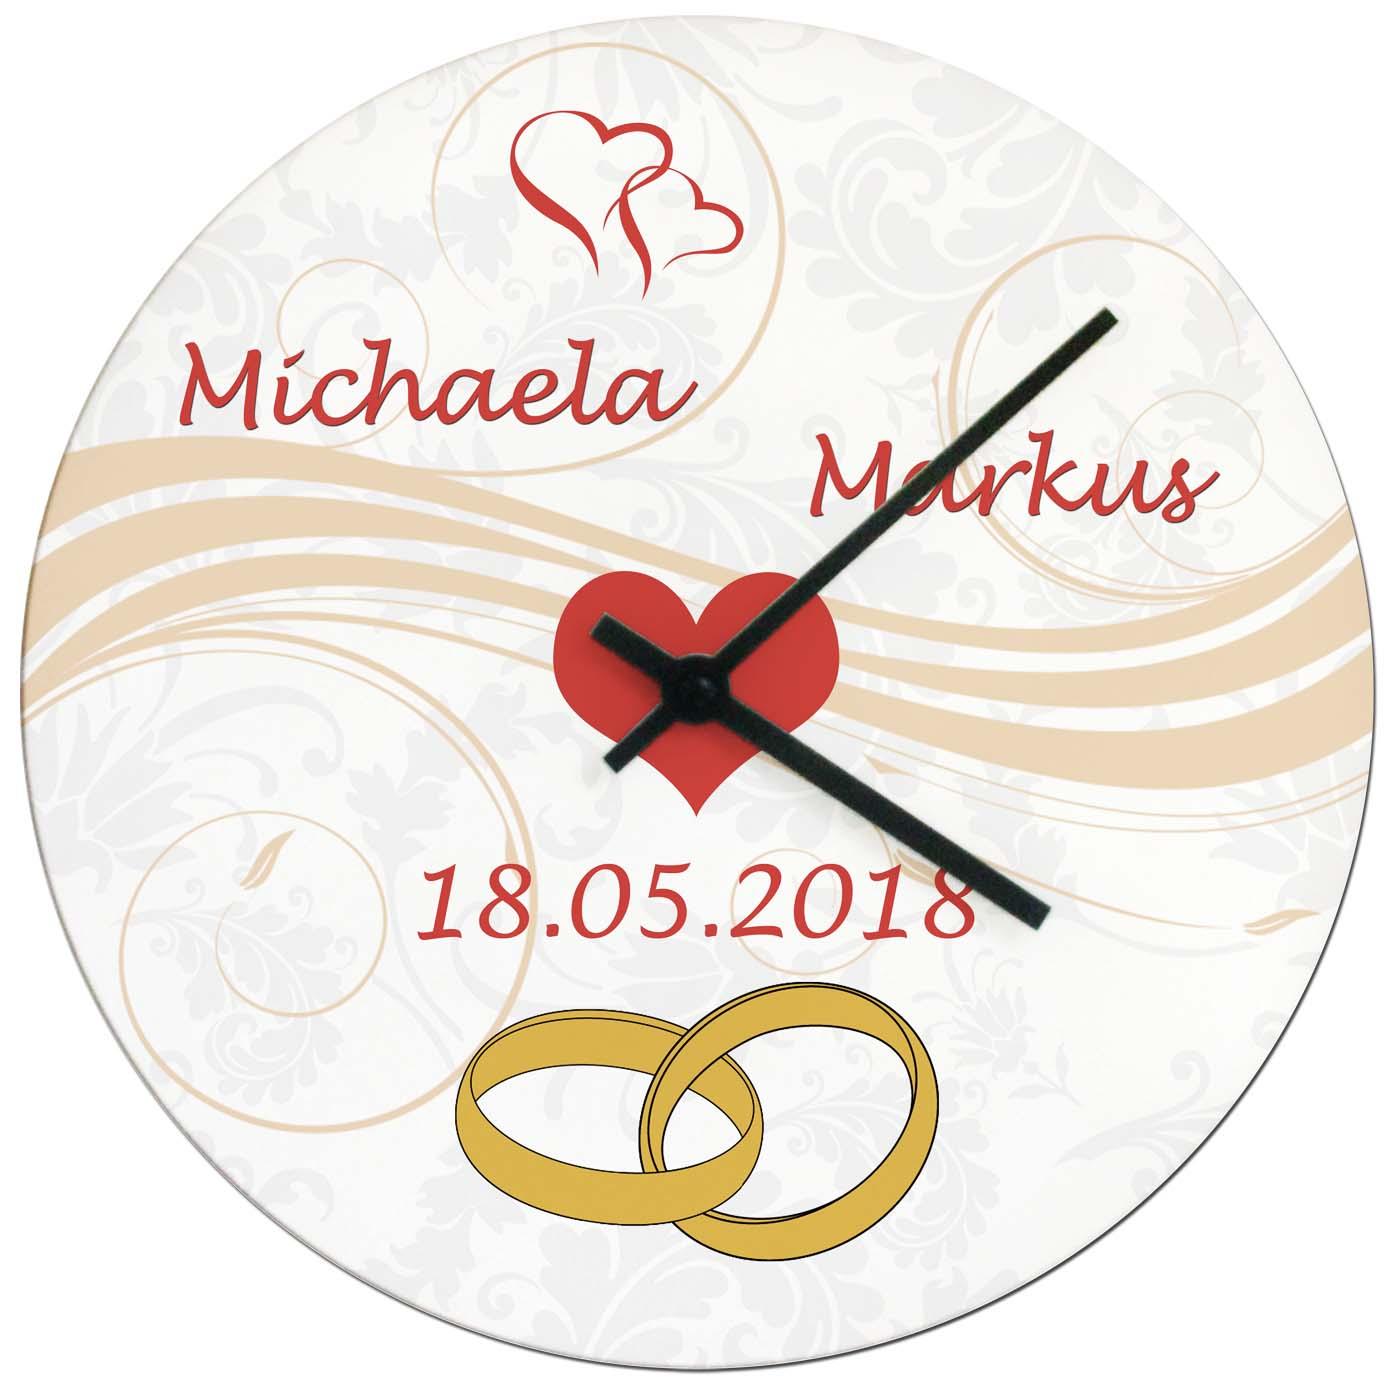 Uhr personalisiert mit Namen und Datum Geschenk Hochzeit Ringe